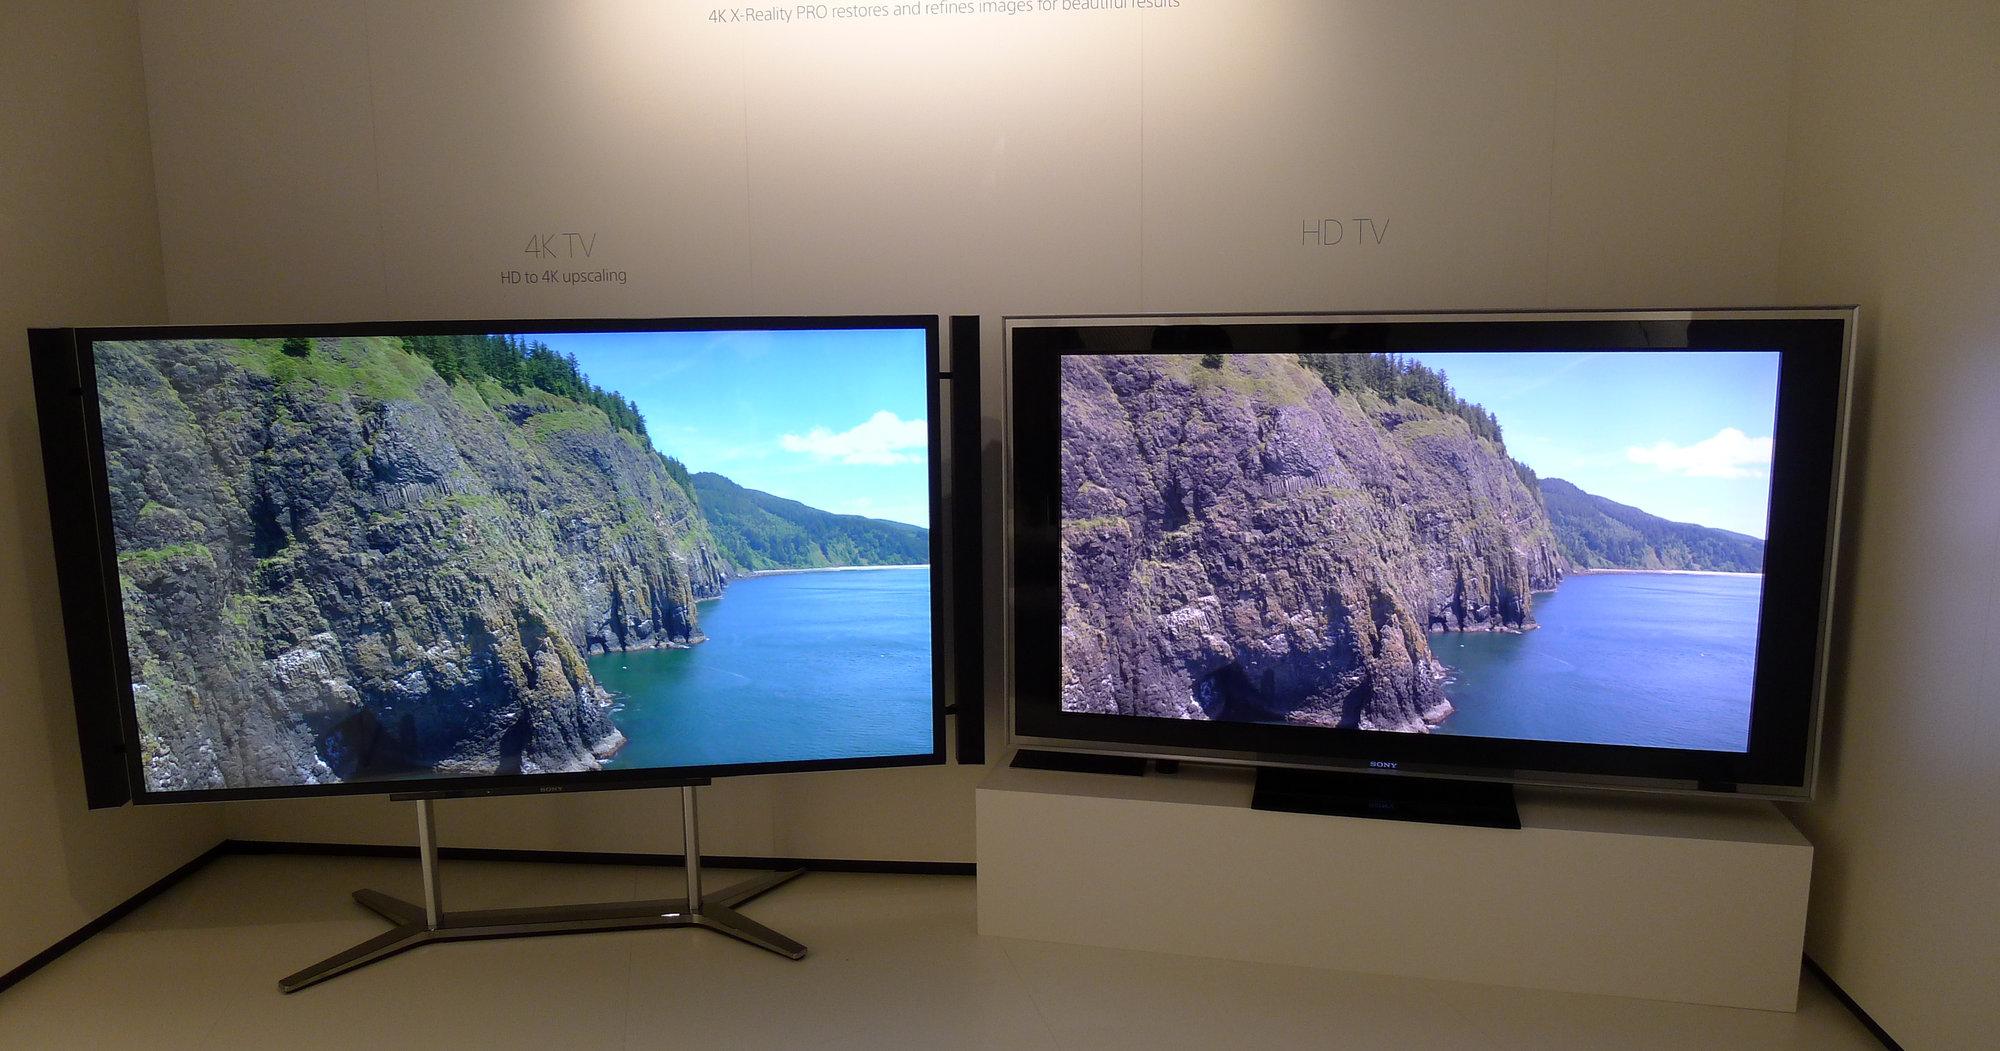 4K til venstre, standard TV til høyre. Vi så tydelig forskjell.